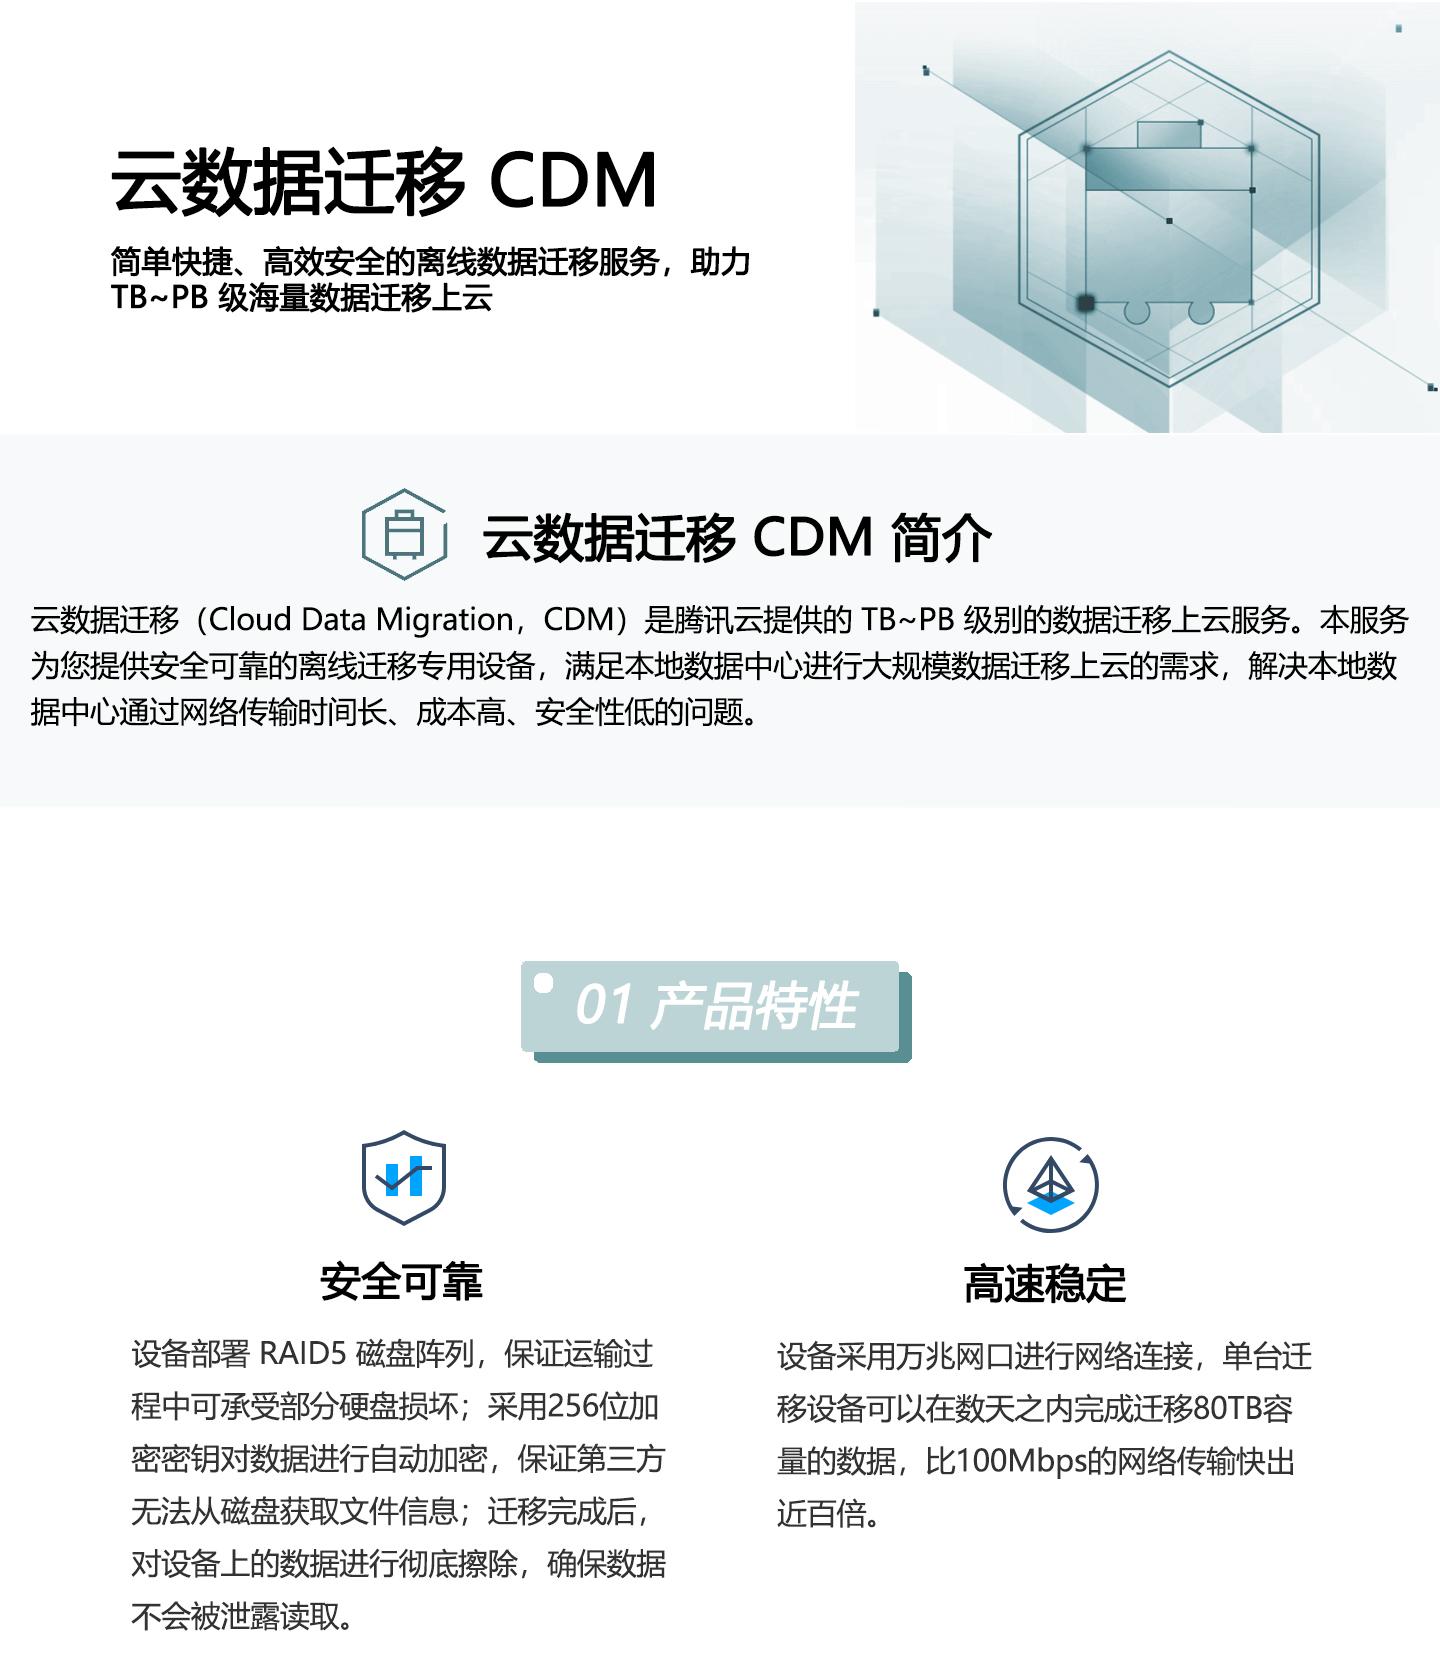 云数据迁移-CDM-1440_01.jpg